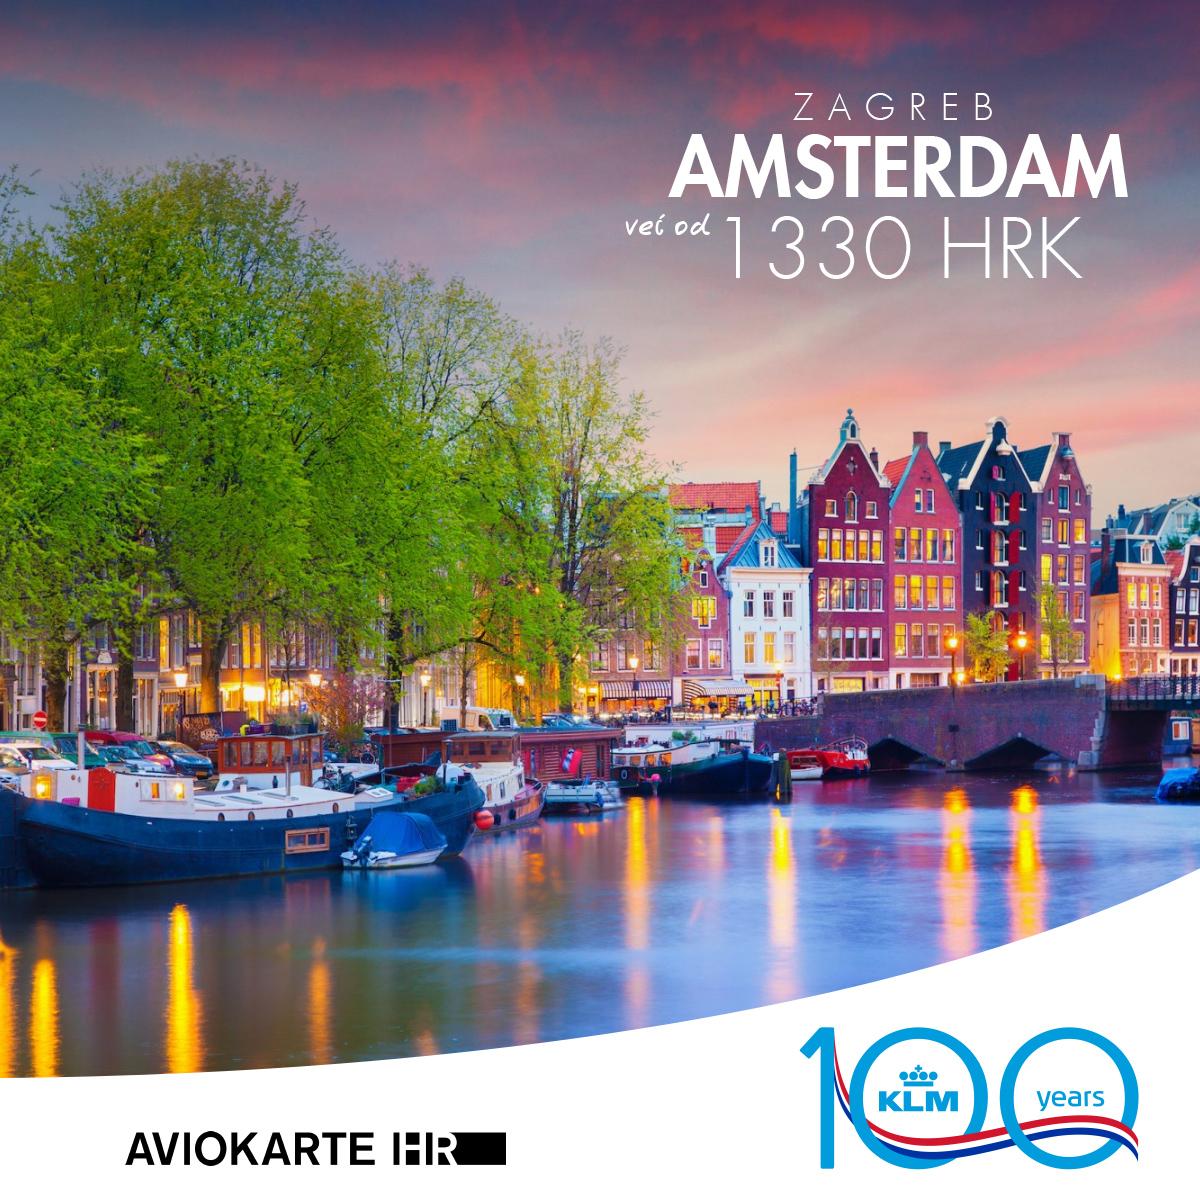 Amsterdam vizual, Amsterdam već od 1400 kuna, Amsterdam jeftine avio karte, putovanje za Amsterdam